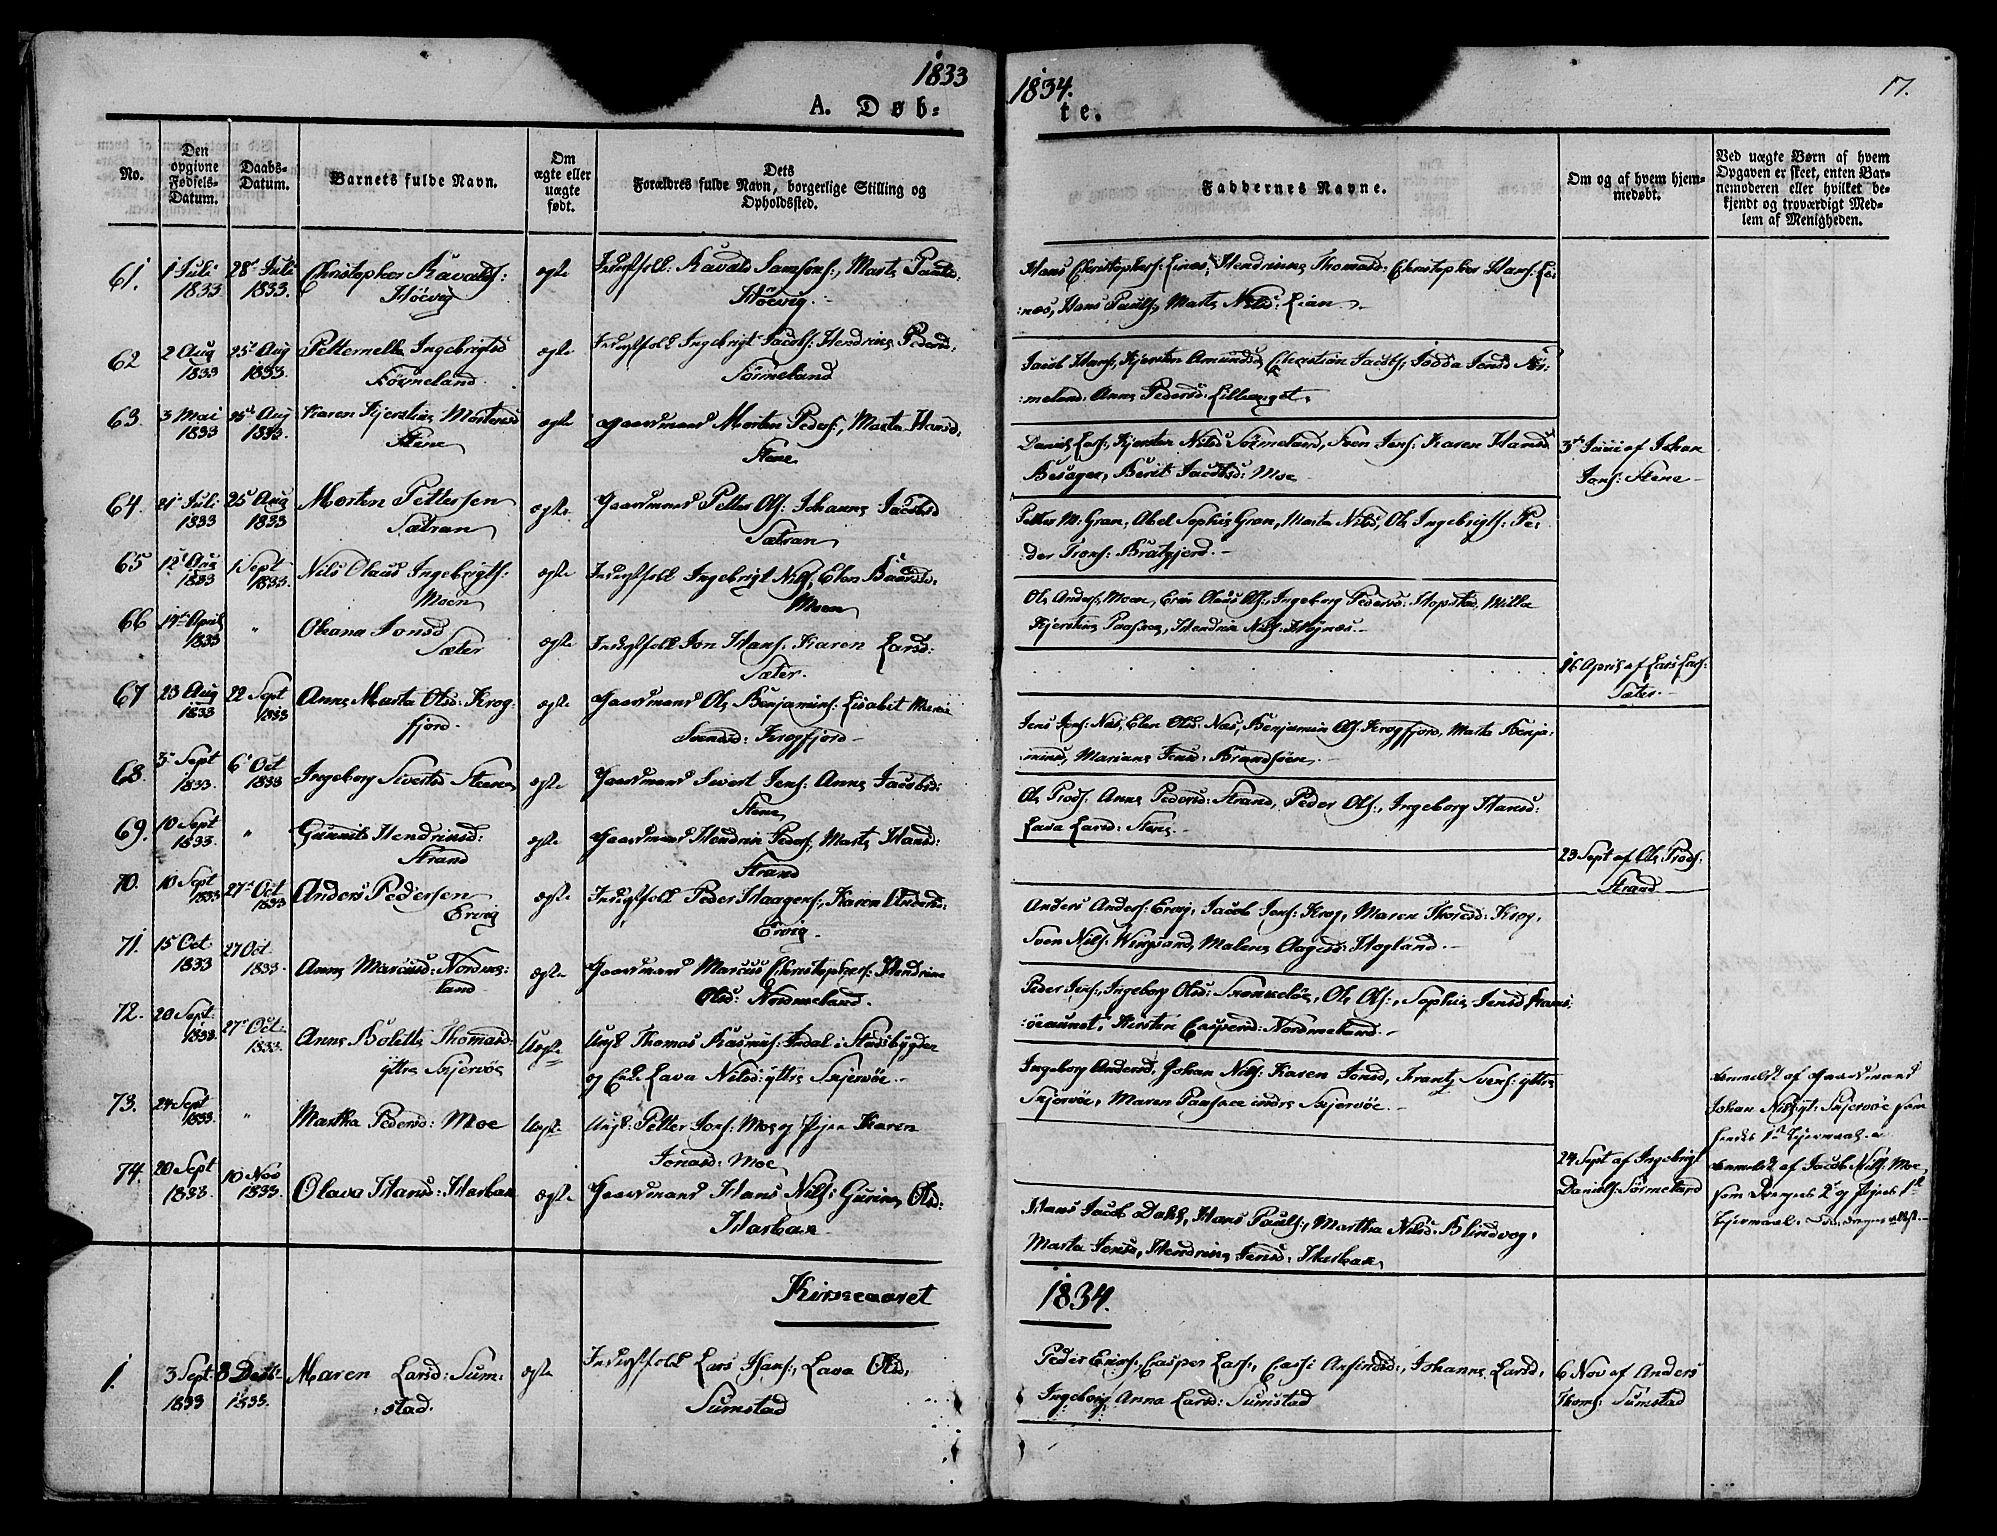 SAT, Ministerialprotokoller, klokkerbøker og fødselsregistre - Sør-Trøndelag, 657/L0703: Ministerialbok nr. 657A04, 1831-1846, s. 17